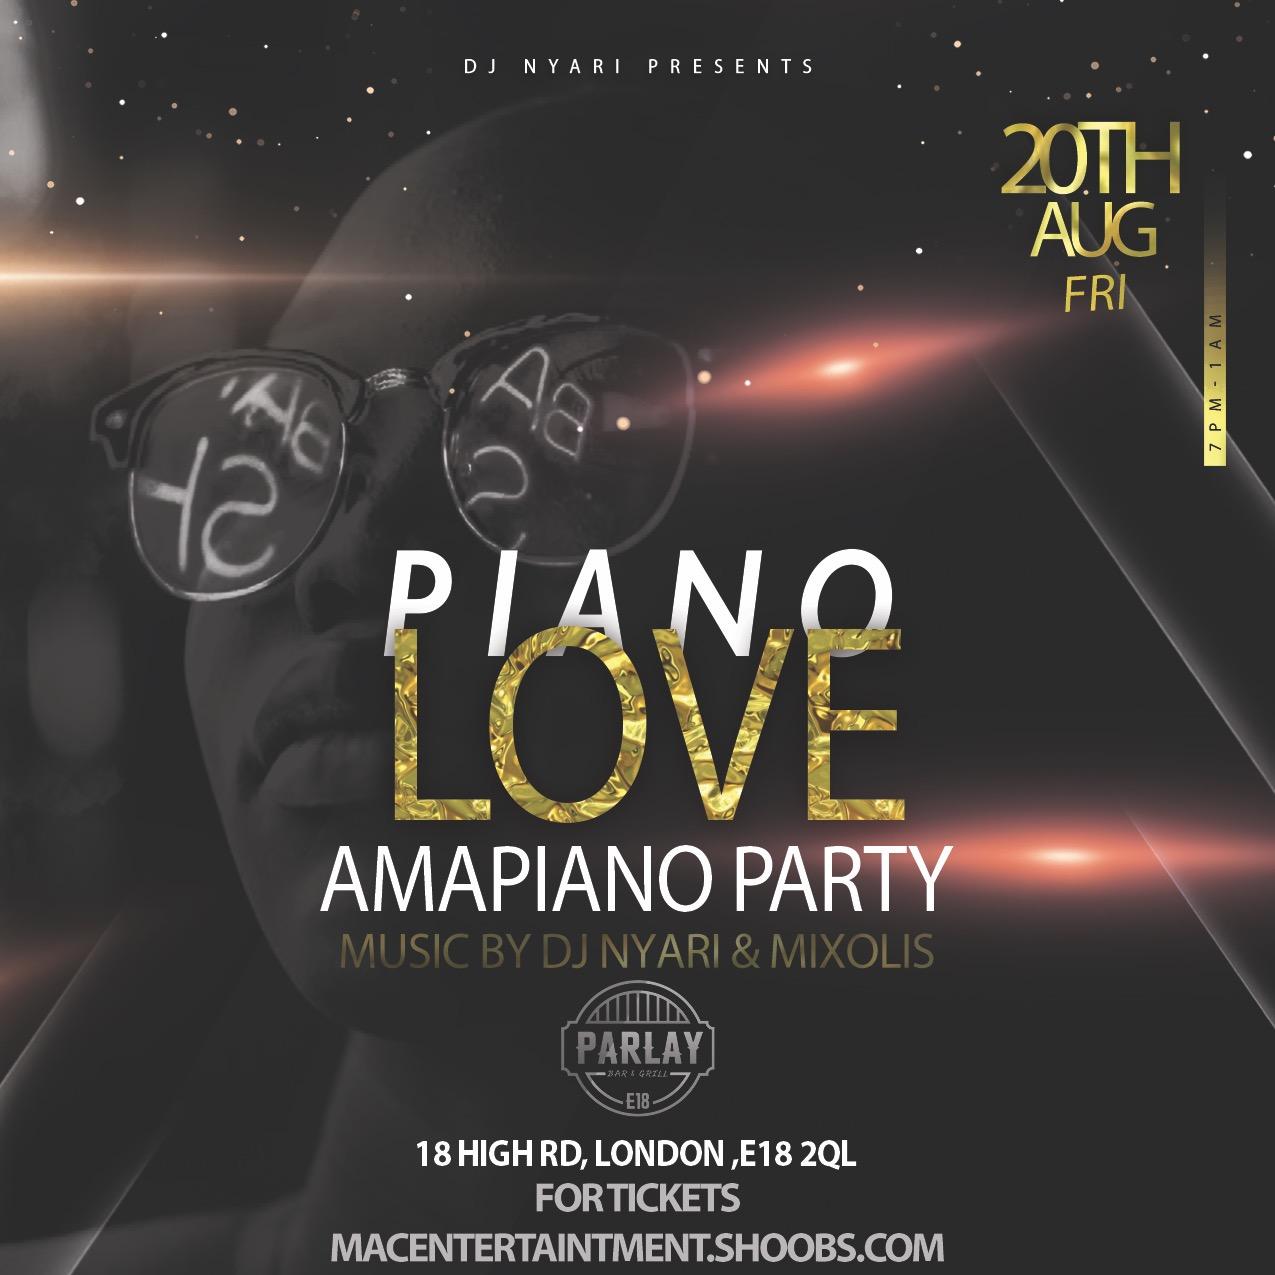 PIANO LOVE - AMAPIANO PARTY